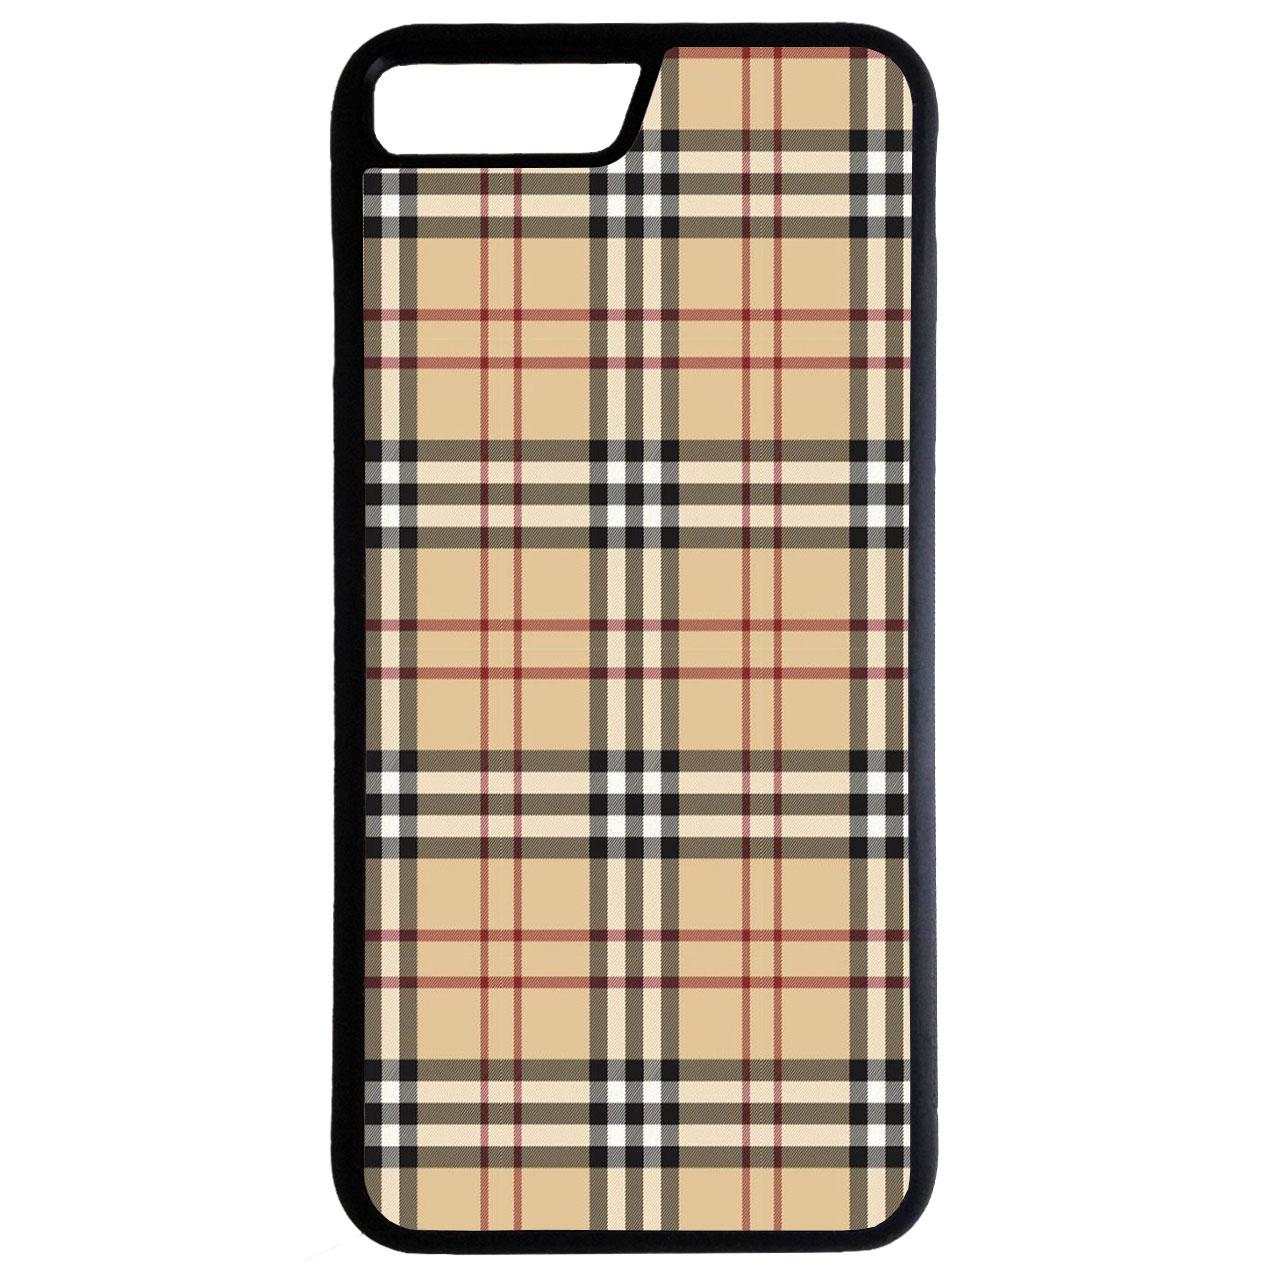 کاور طرح چهارخانه کد 7099 مناسب برای گوشی موبایل اپل iphone 7 plus/ 8 plus